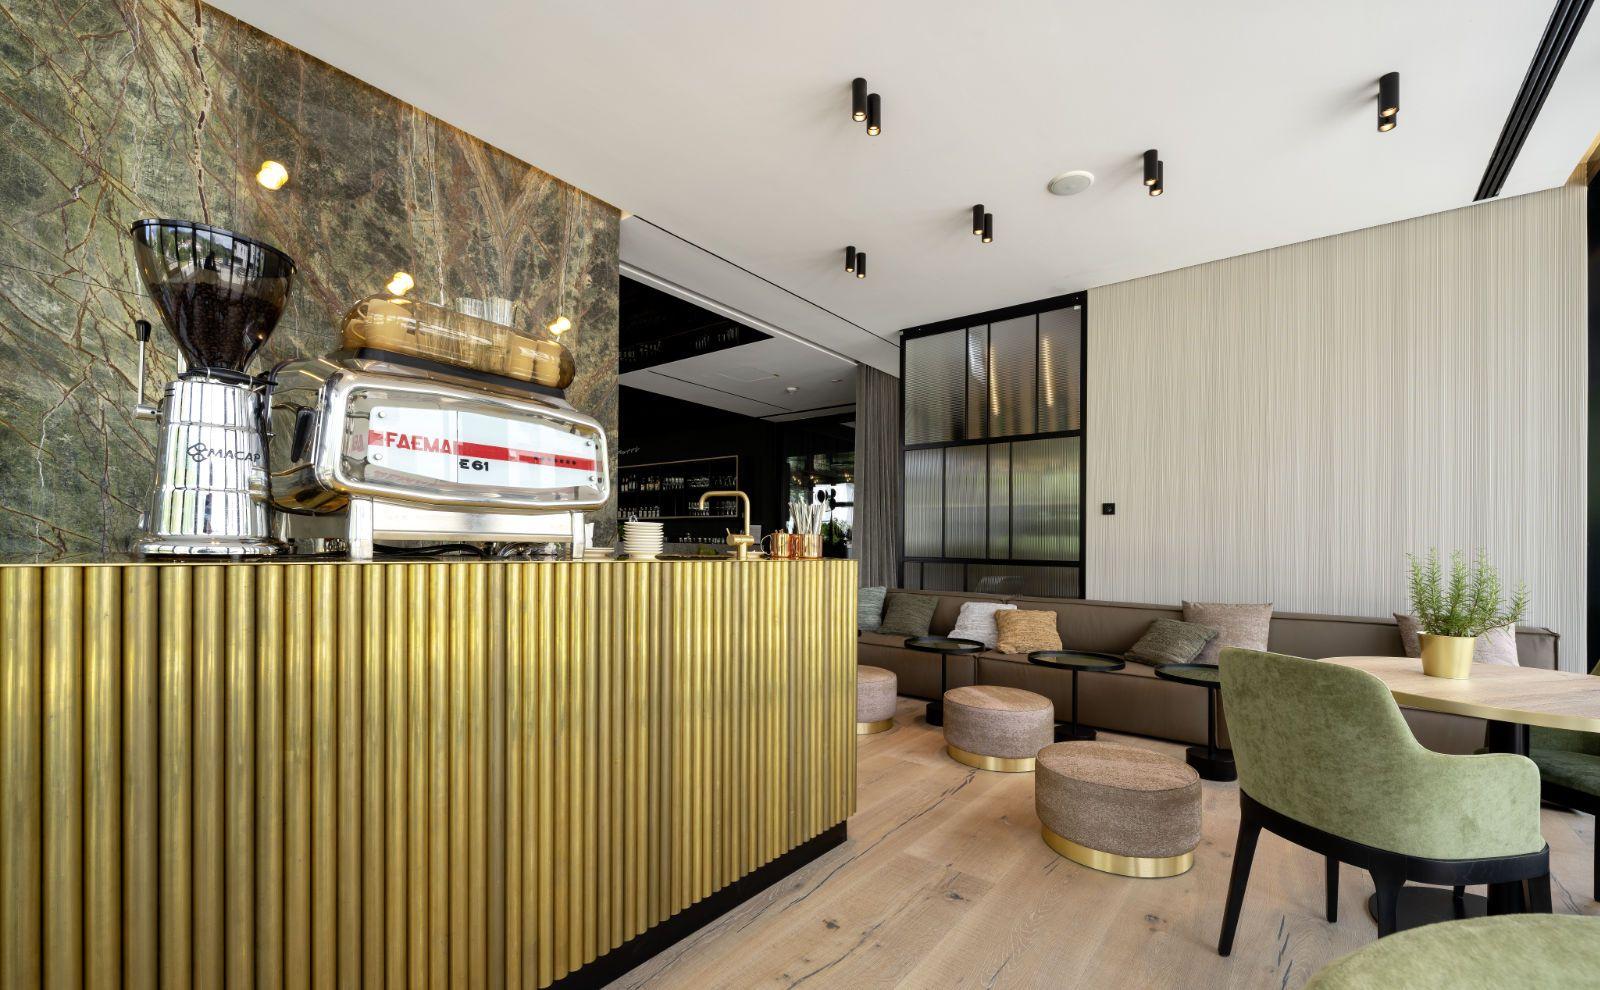 Kaffeemaschine im Lounge-Bereich mit Gira Schalter von Reimann Architecture